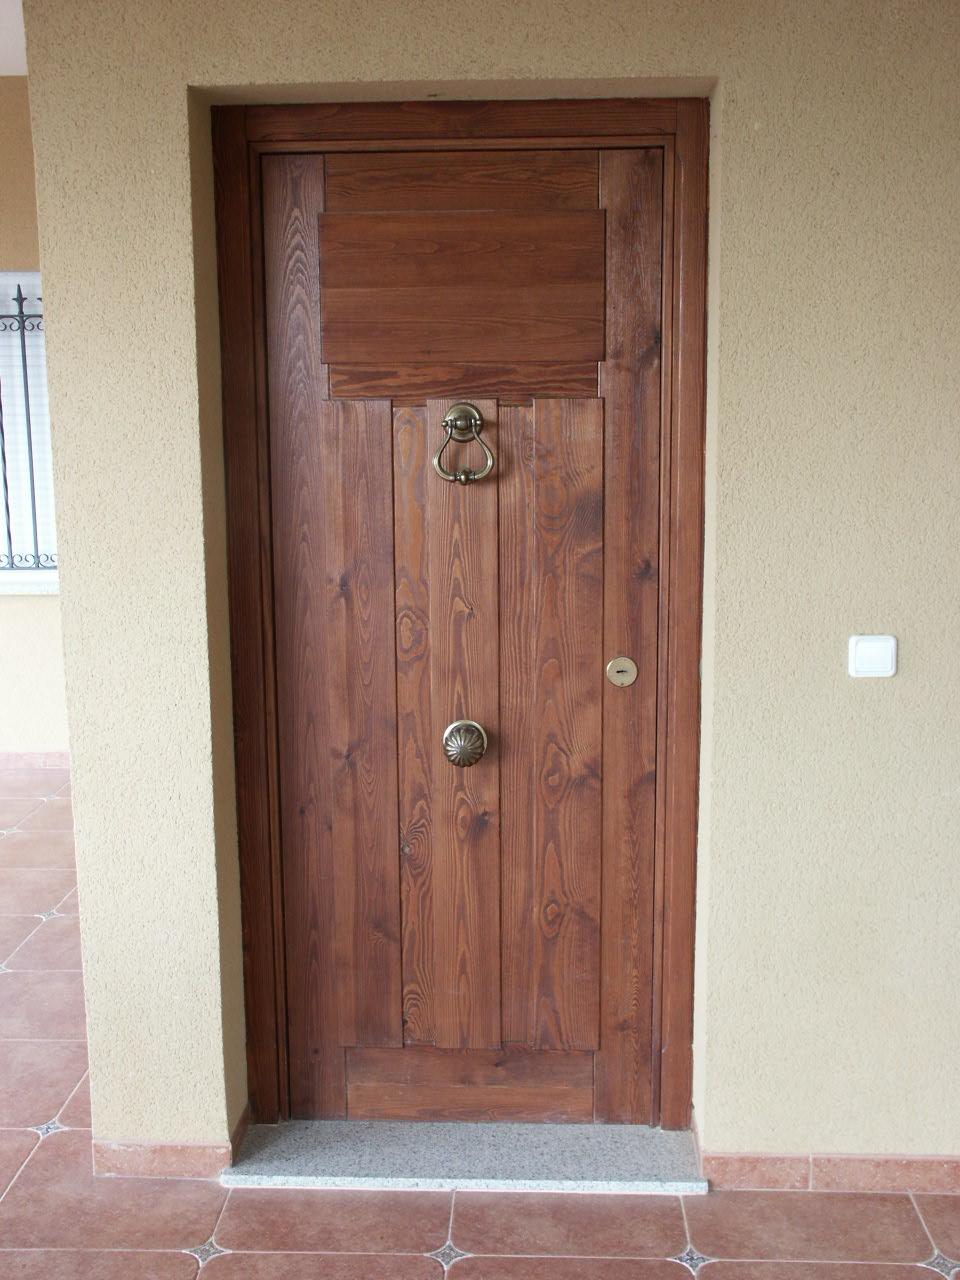 Galer a de fotos y ejemplos de puertas tecemur - Puerta de lamas ...